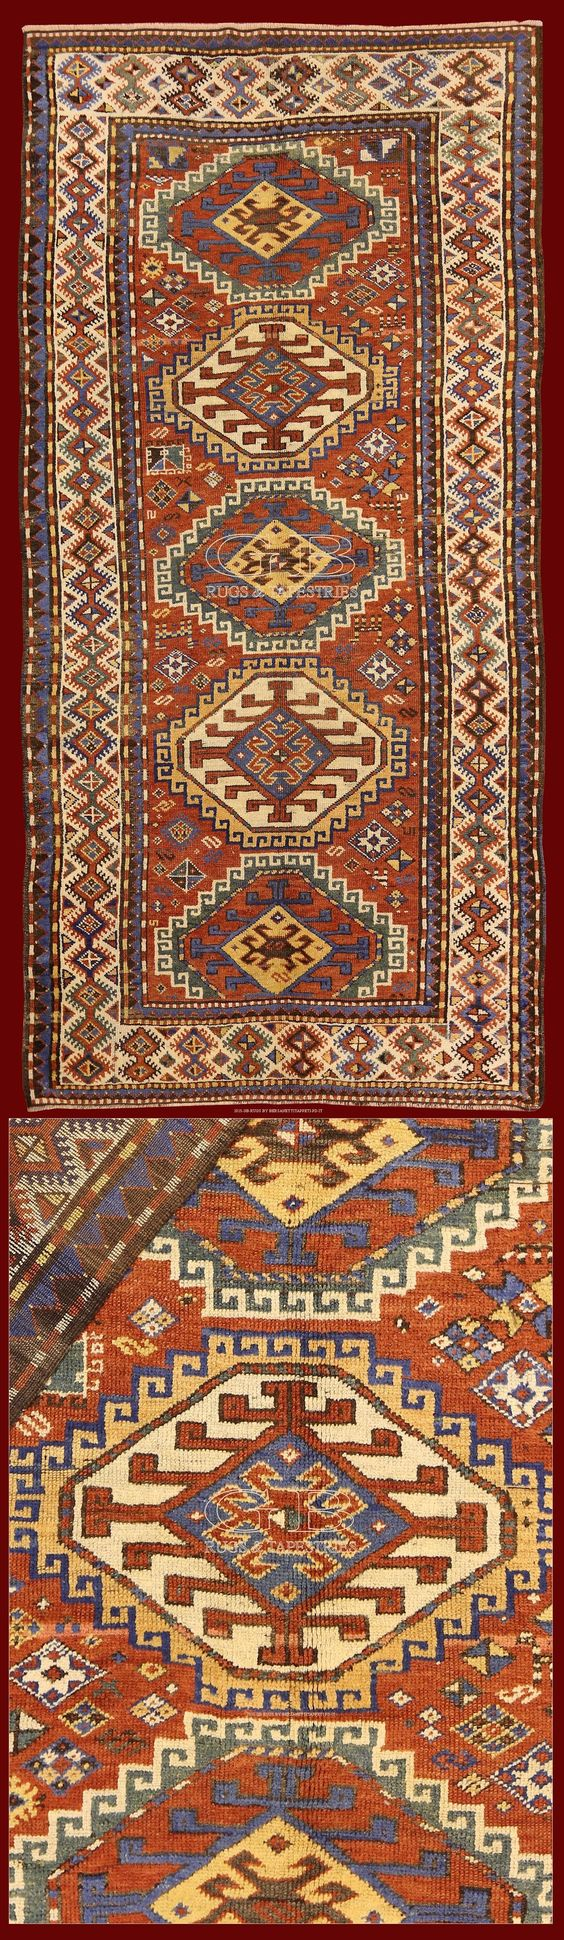 Kazak Antico 275x138 Cod. 141503457839 TAPPETI CAUCASICI